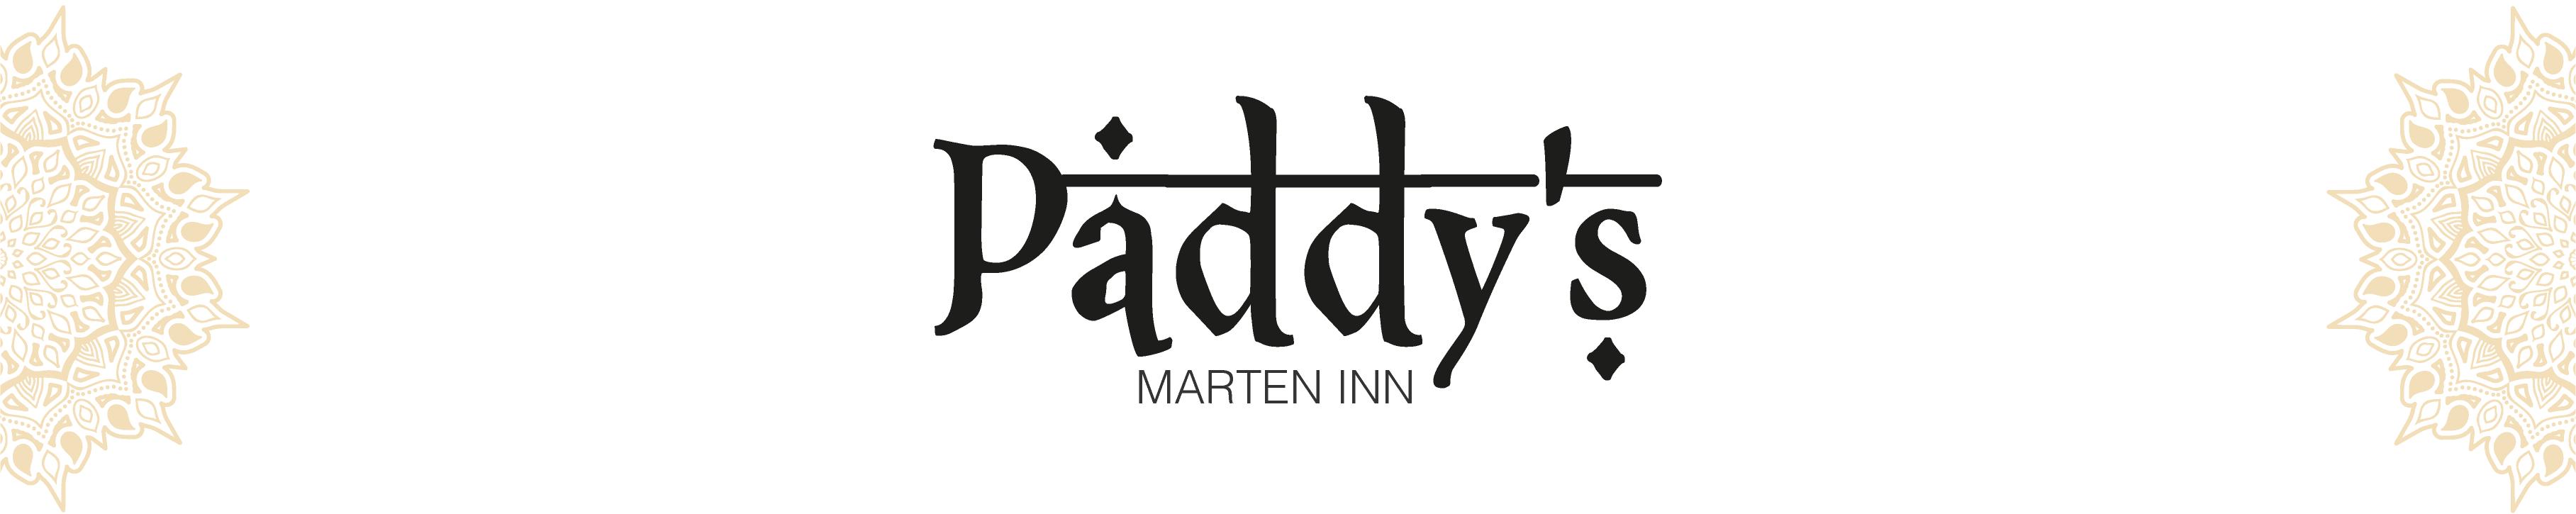 Paddysmarteninn